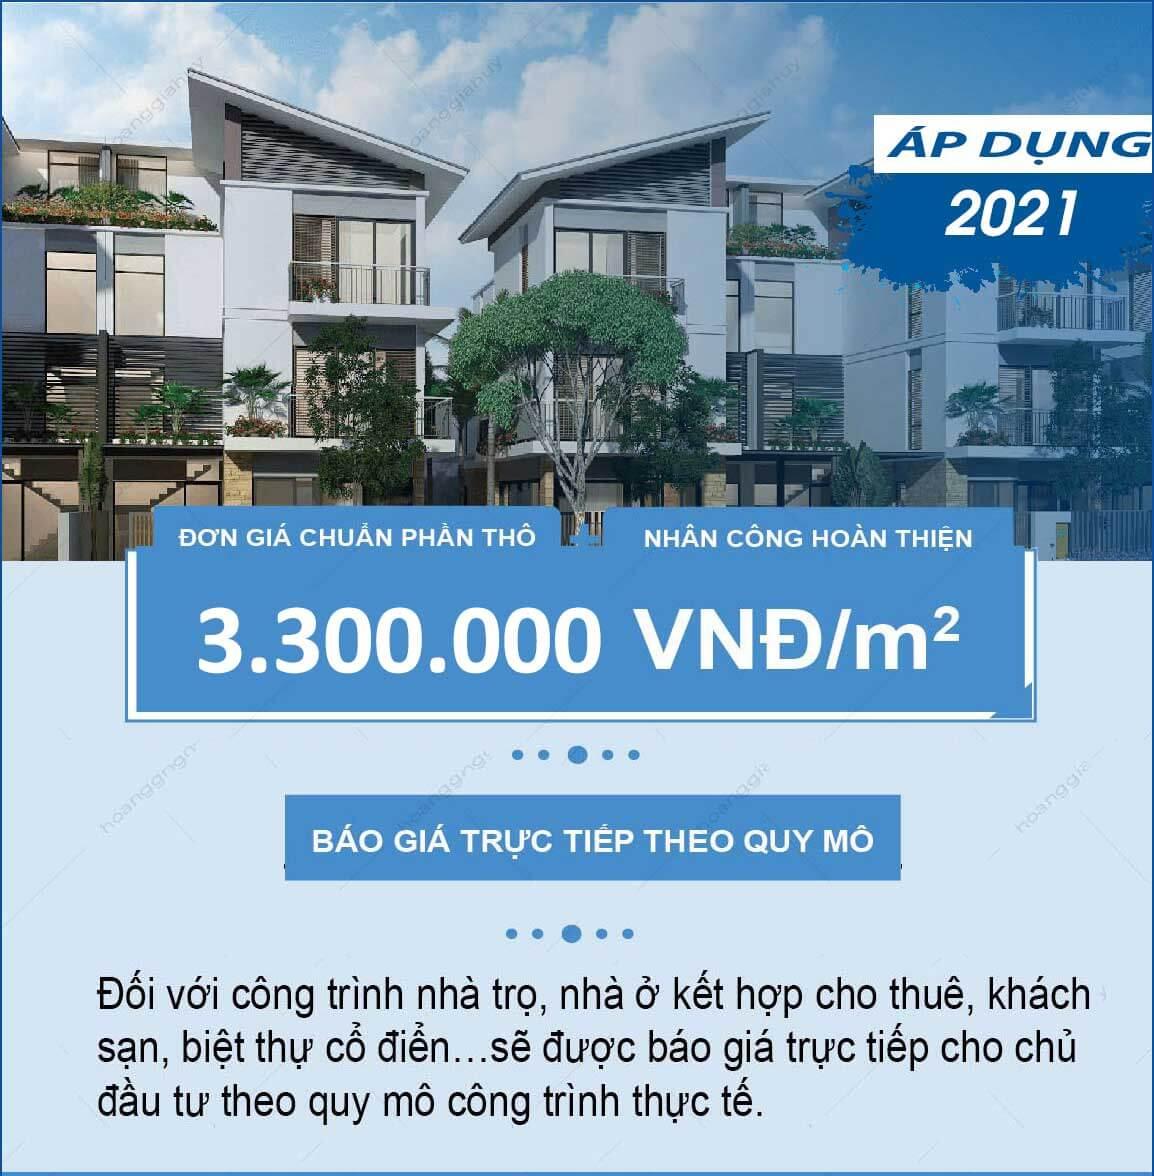 Báo giá xây dựng phần thô 2021